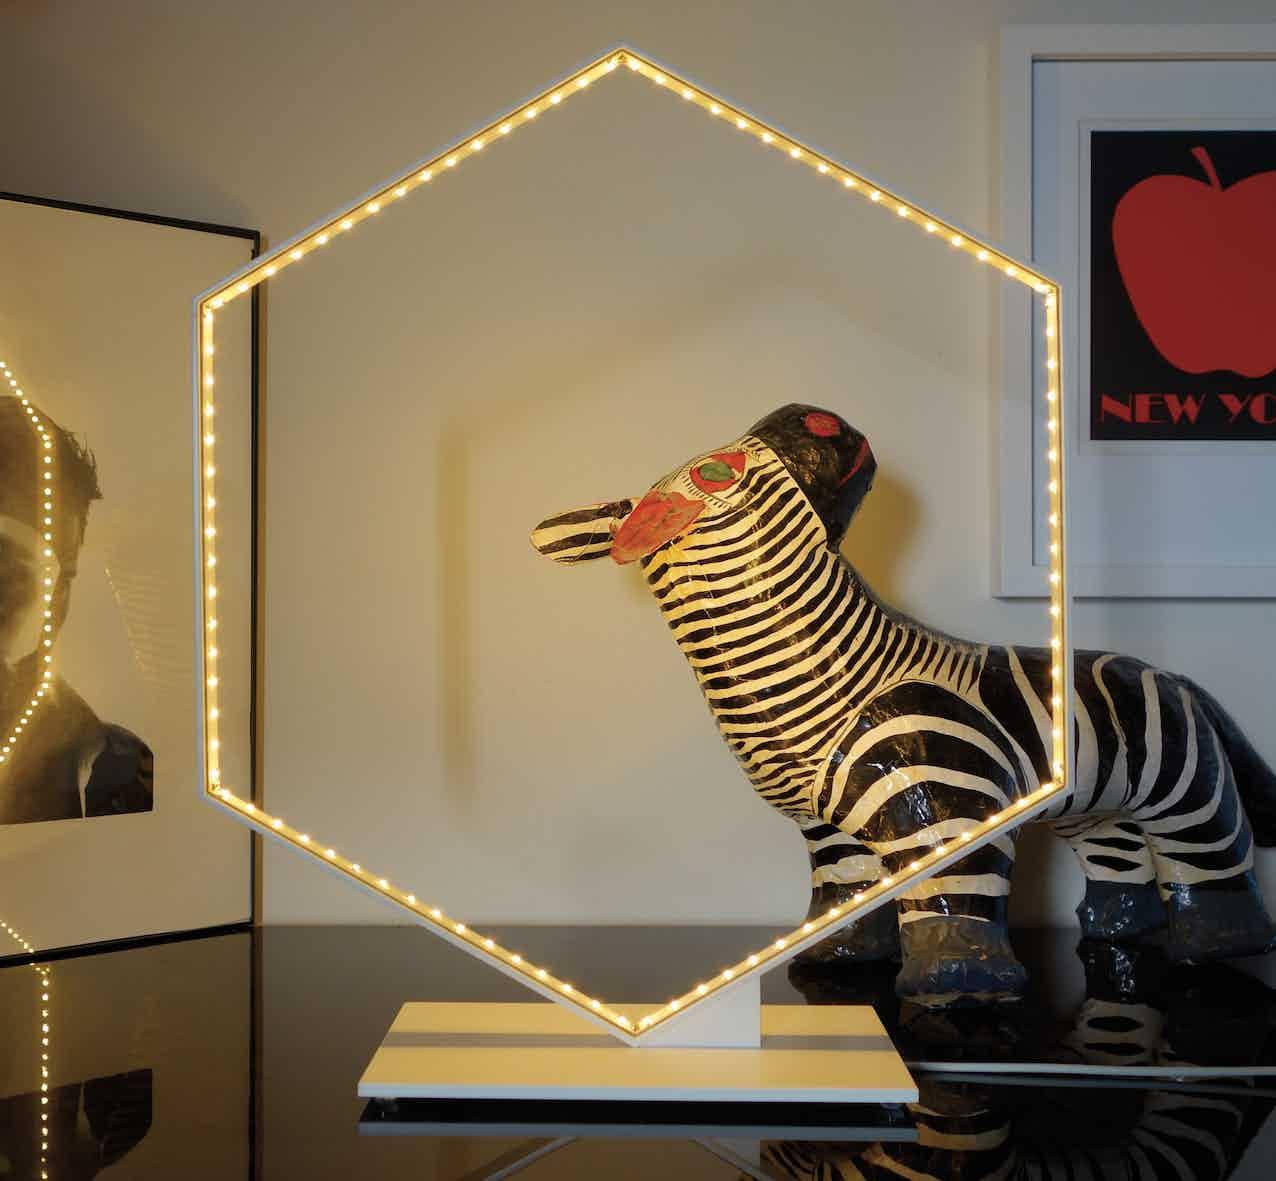 Le-deun-luminaires-hexa-table-lamp-haute-living